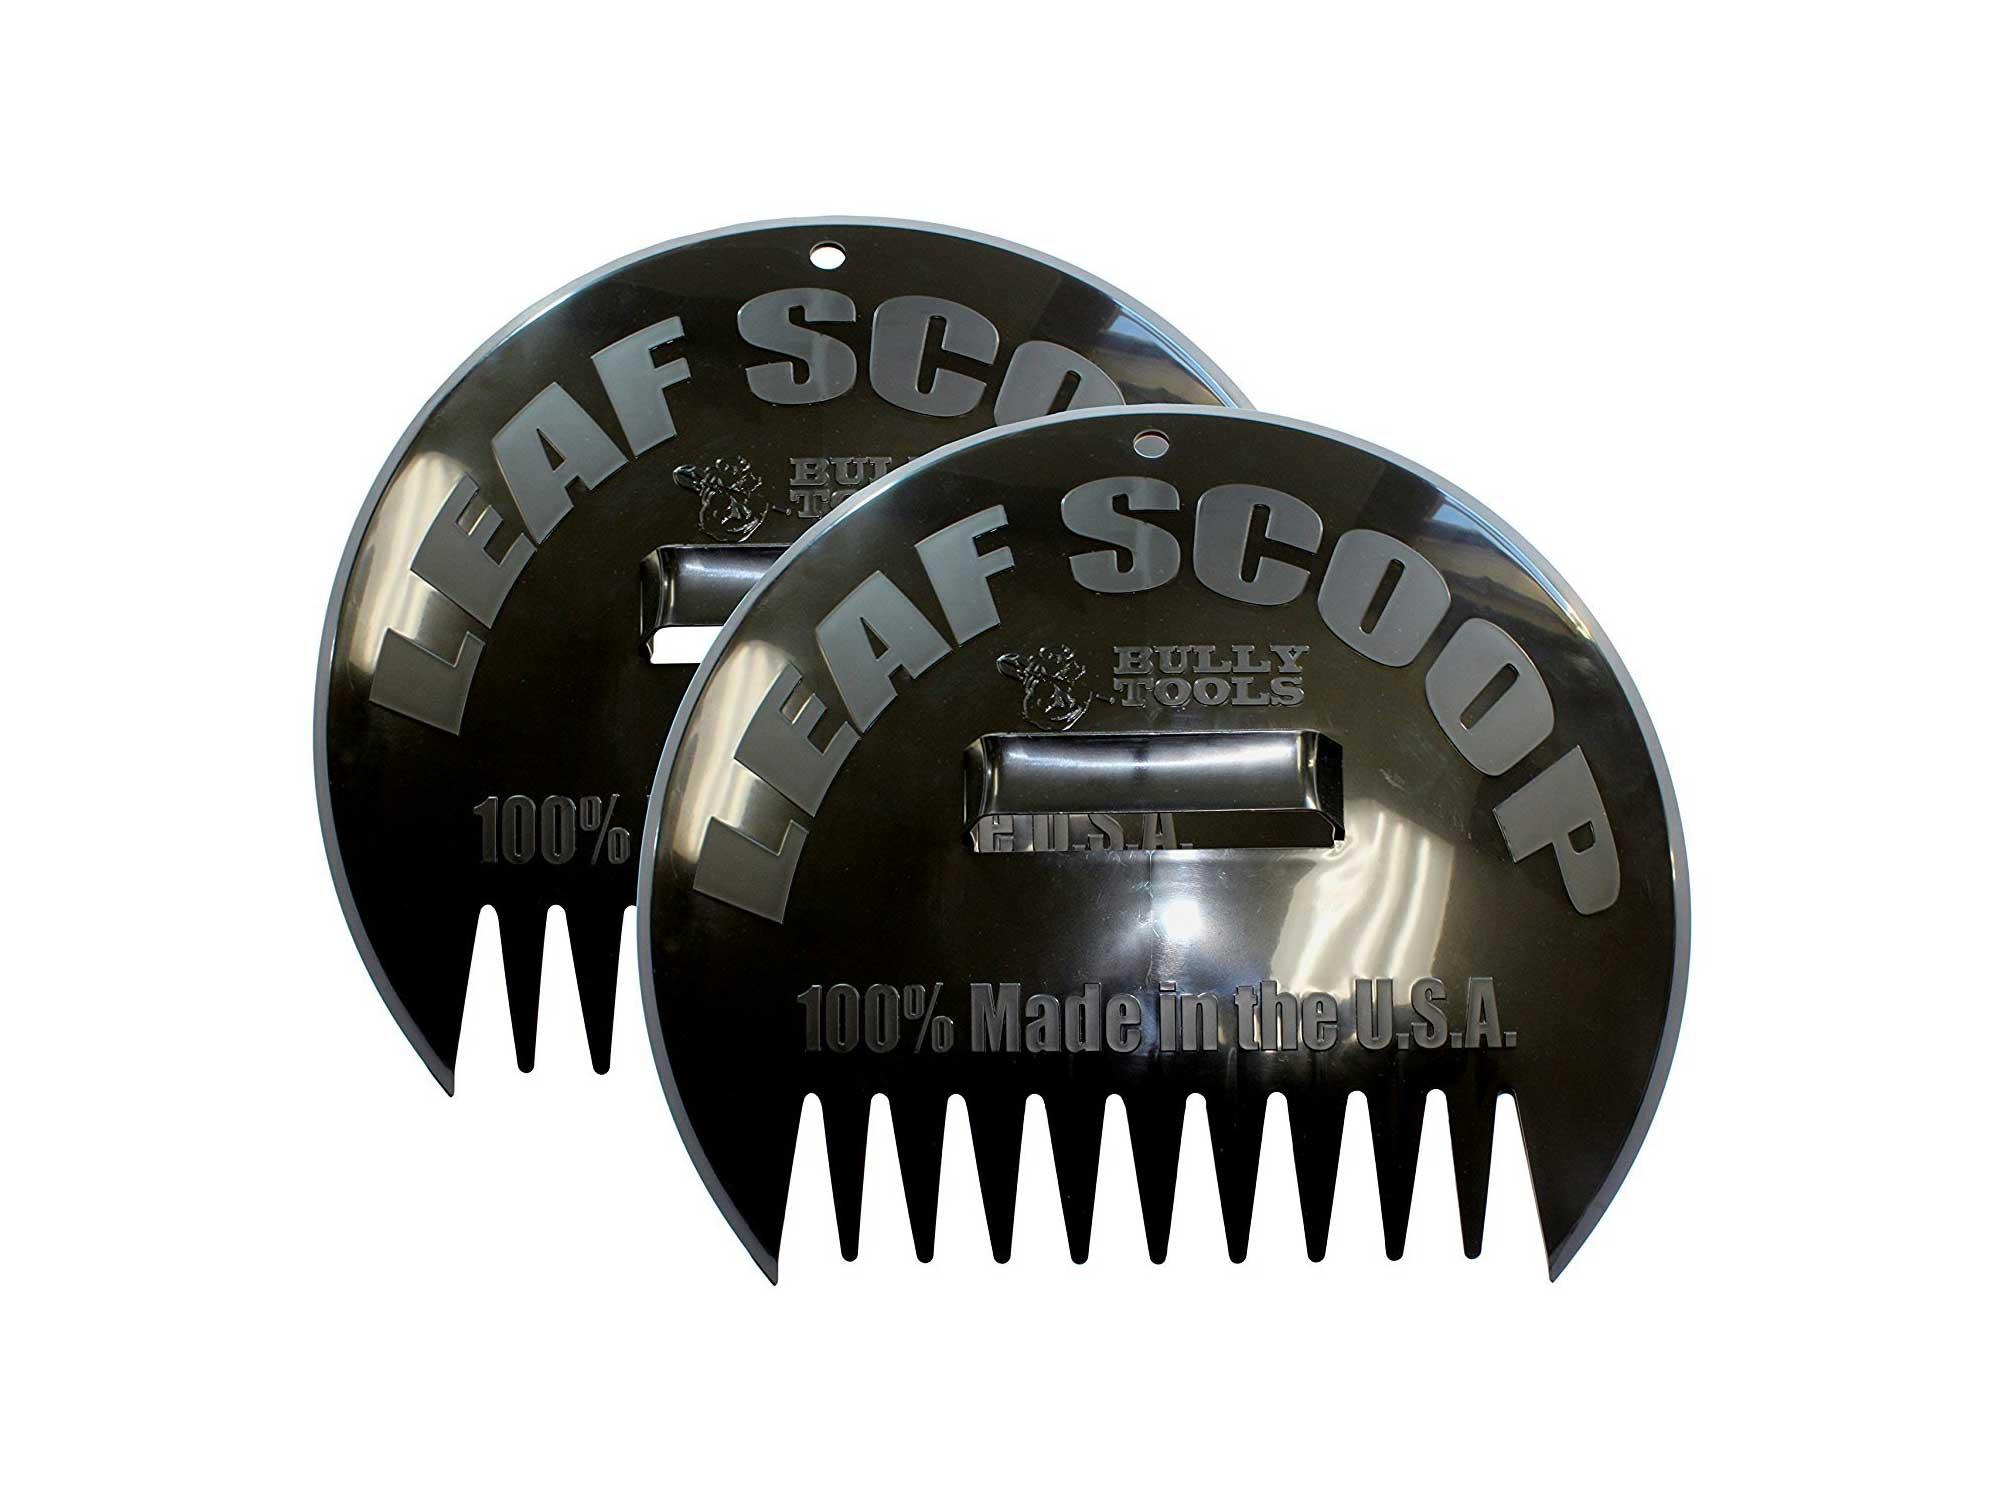 Bully Tools leaf scoop